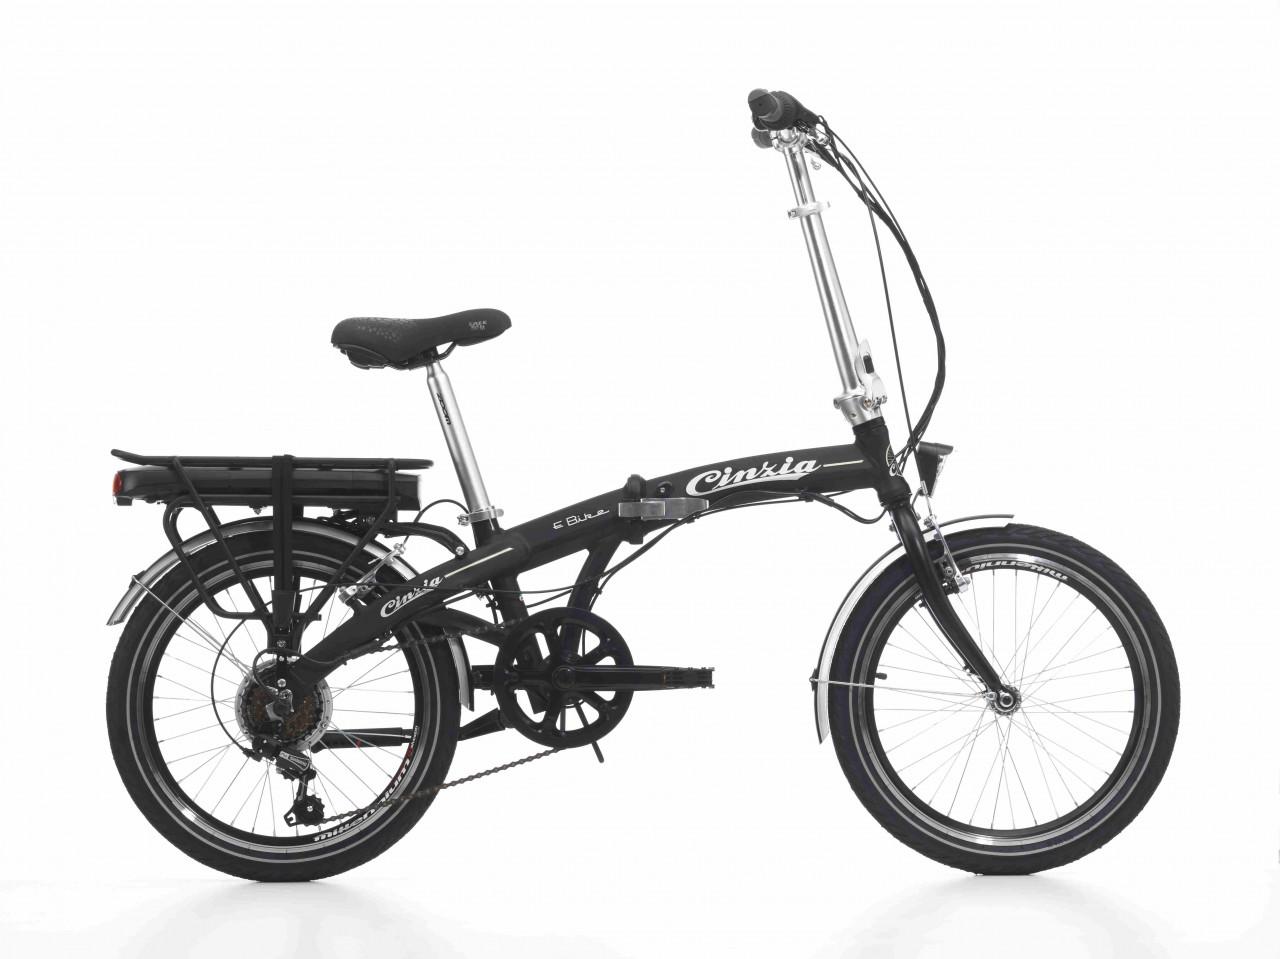 20 Zoll E-bike Klappfahrrad Cinzia Elfyn 6 Gänge Aluminium